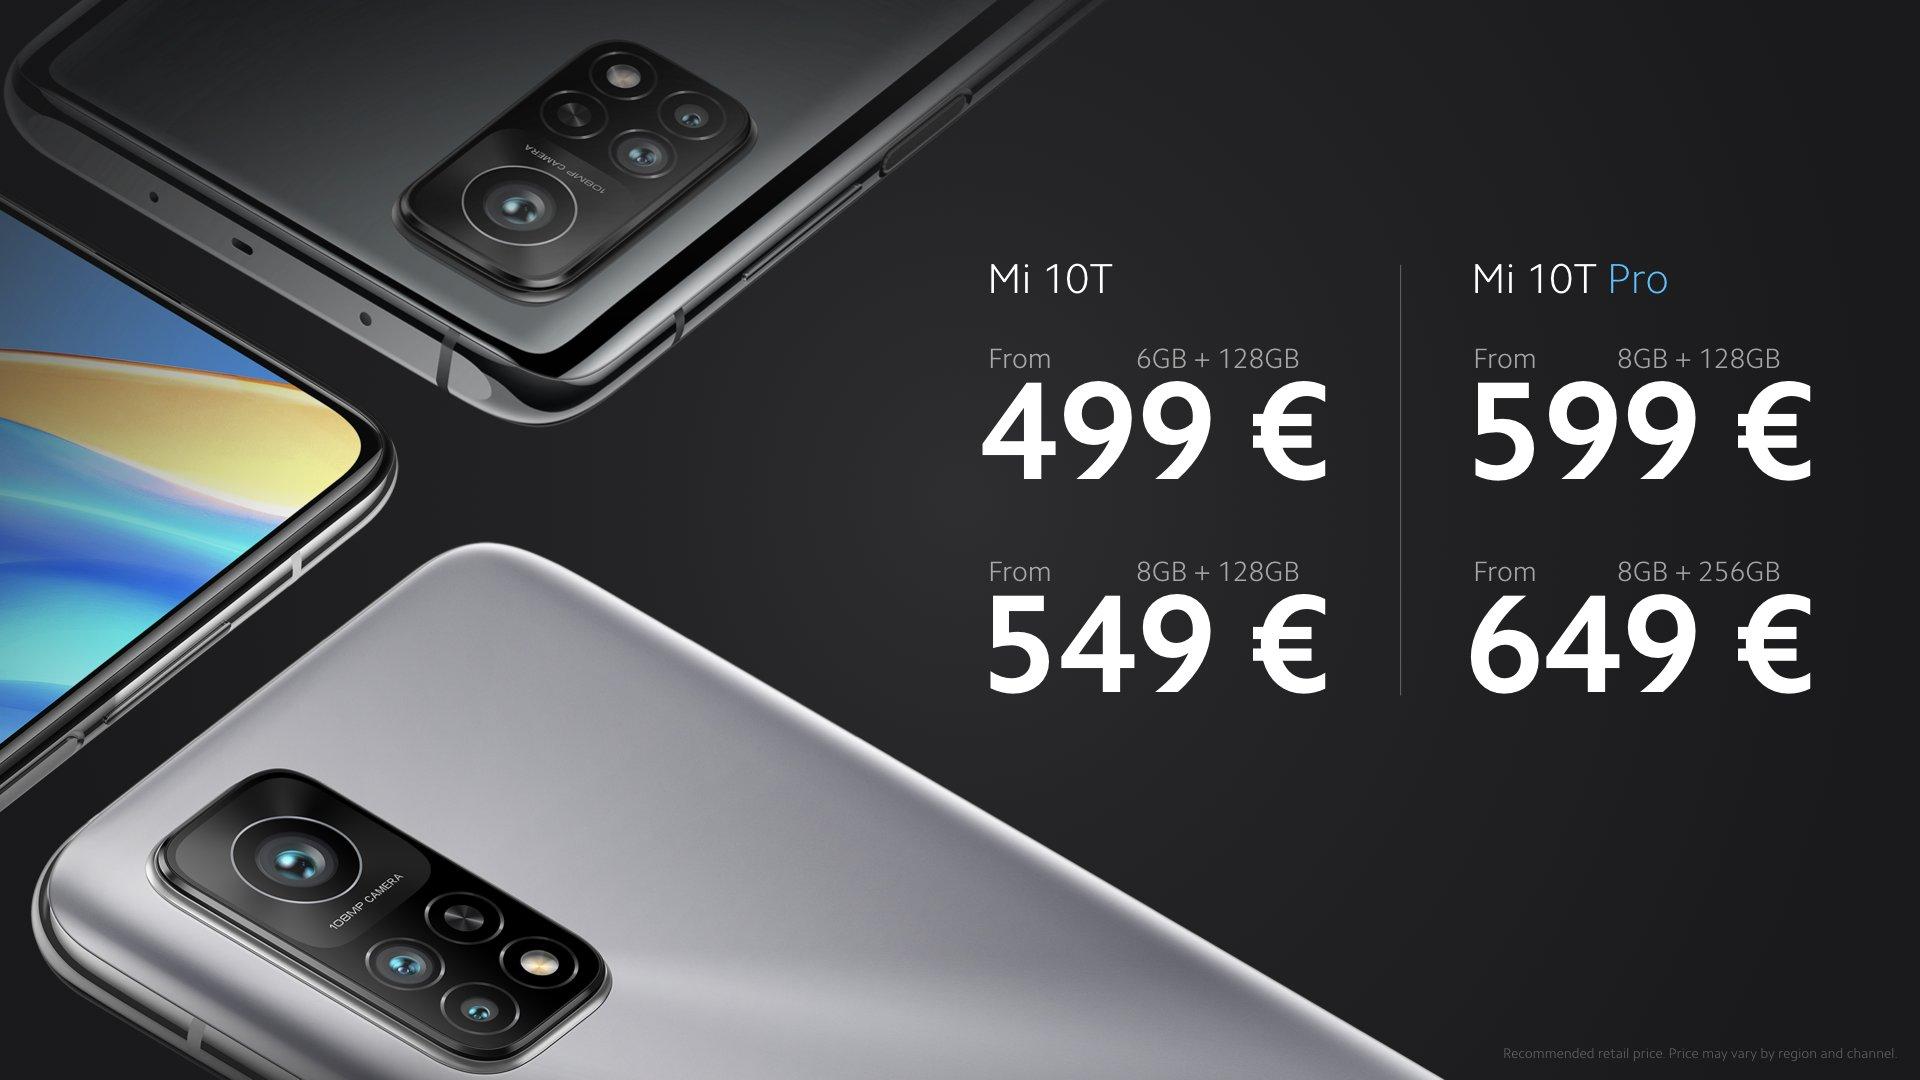 Oficjalna premiera Xiaomi Mi 10T (Pro). Będzie kolejny hit w Europie? Jest potencjał 17 Xiaomi Mi 10T